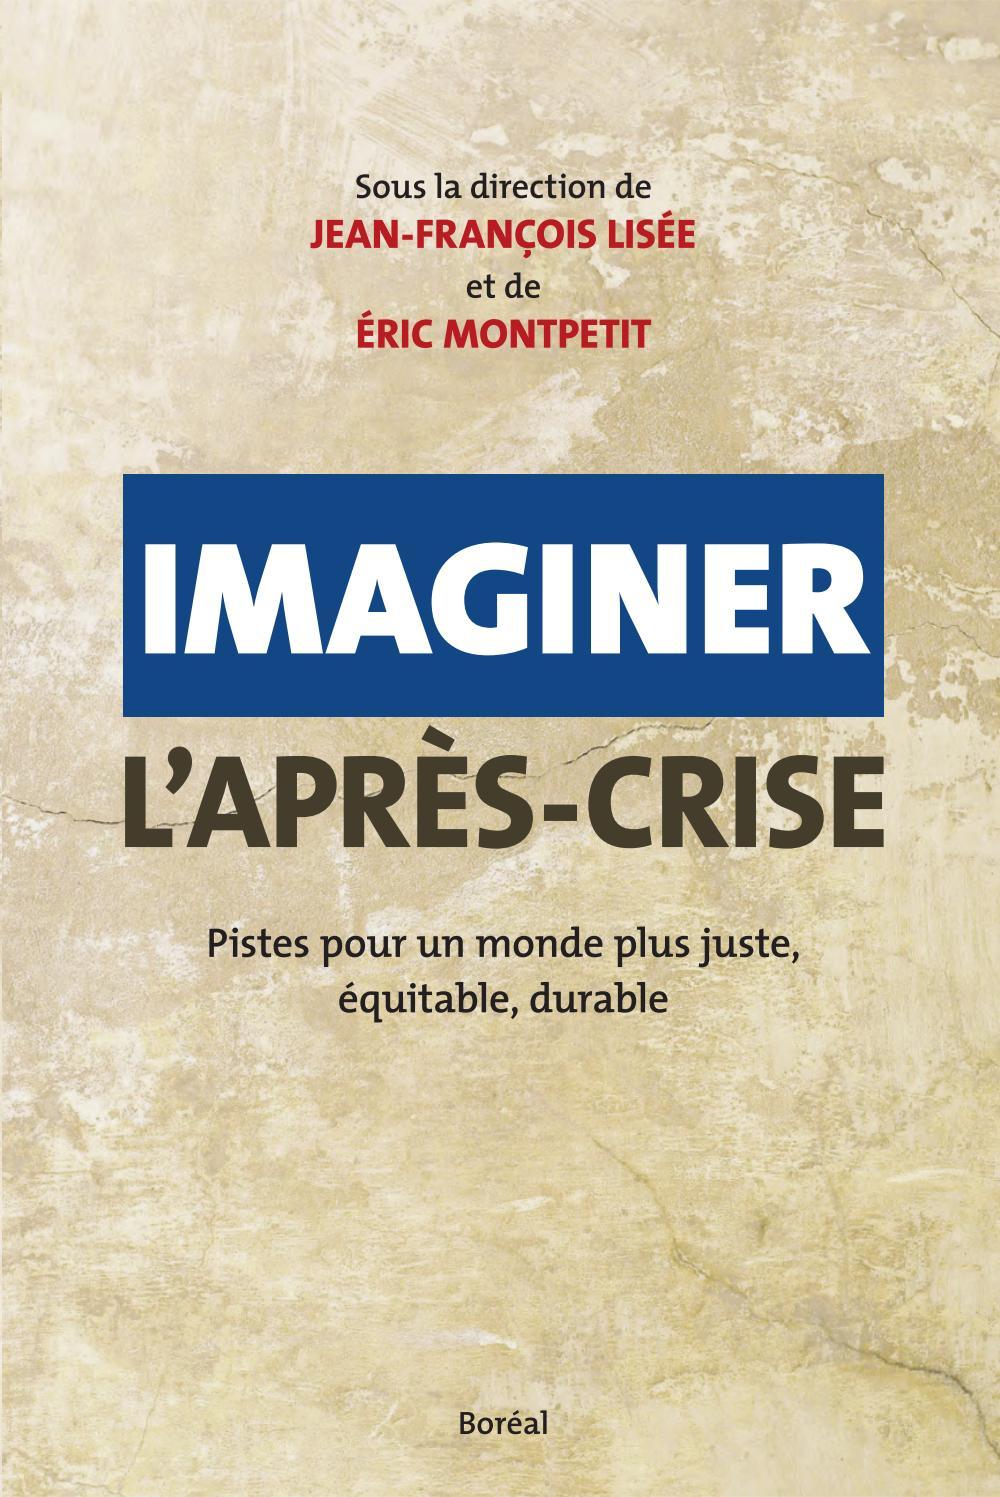 Imaginer l'après-crise